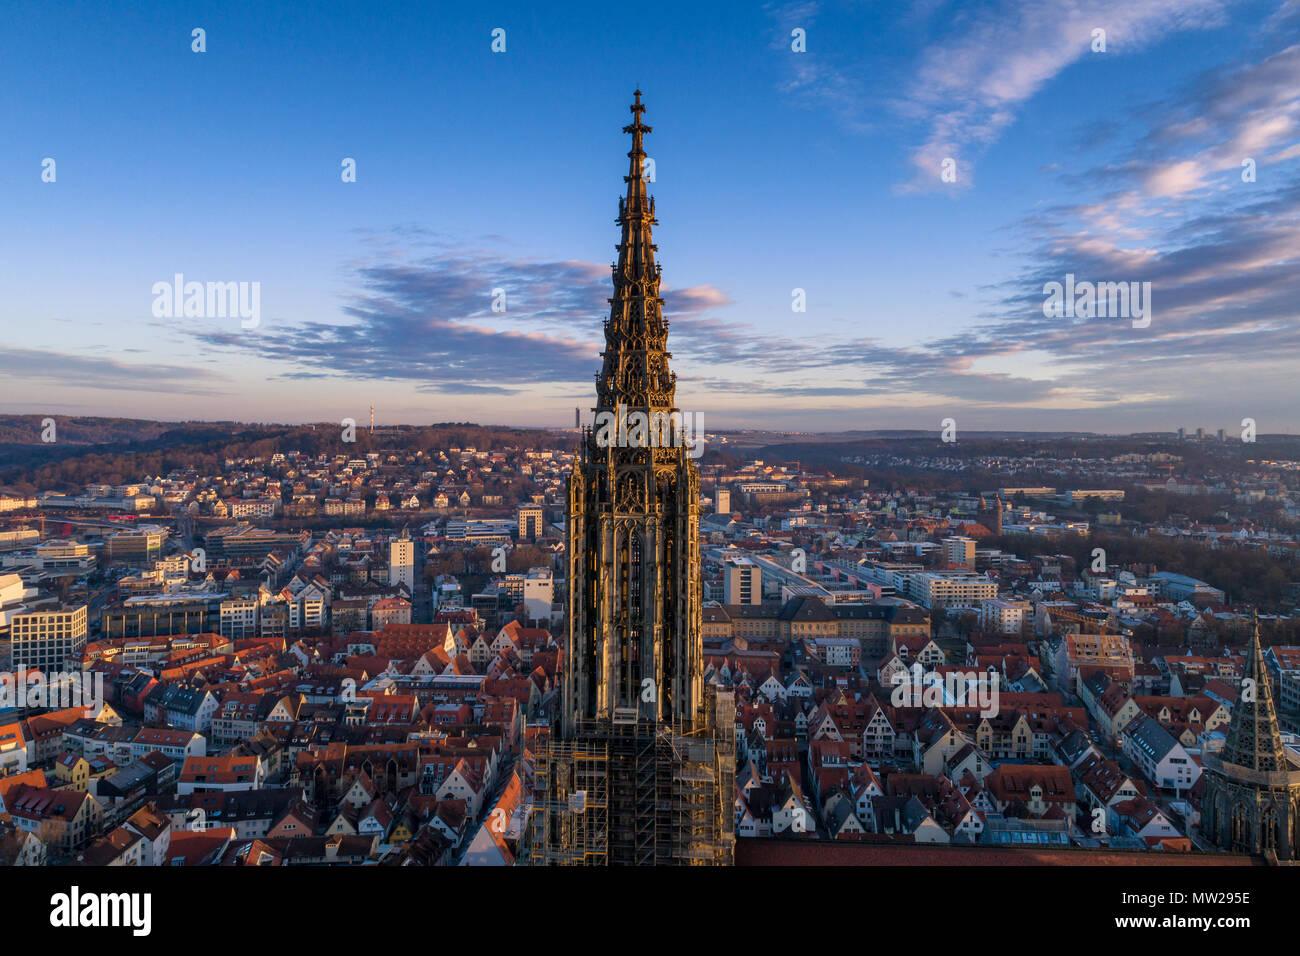 Ulm, Allemagne - 11 mars 2017: Vue aérienne prise avec un vrombissement d'Ulm au lever du soleil Banque D'Images